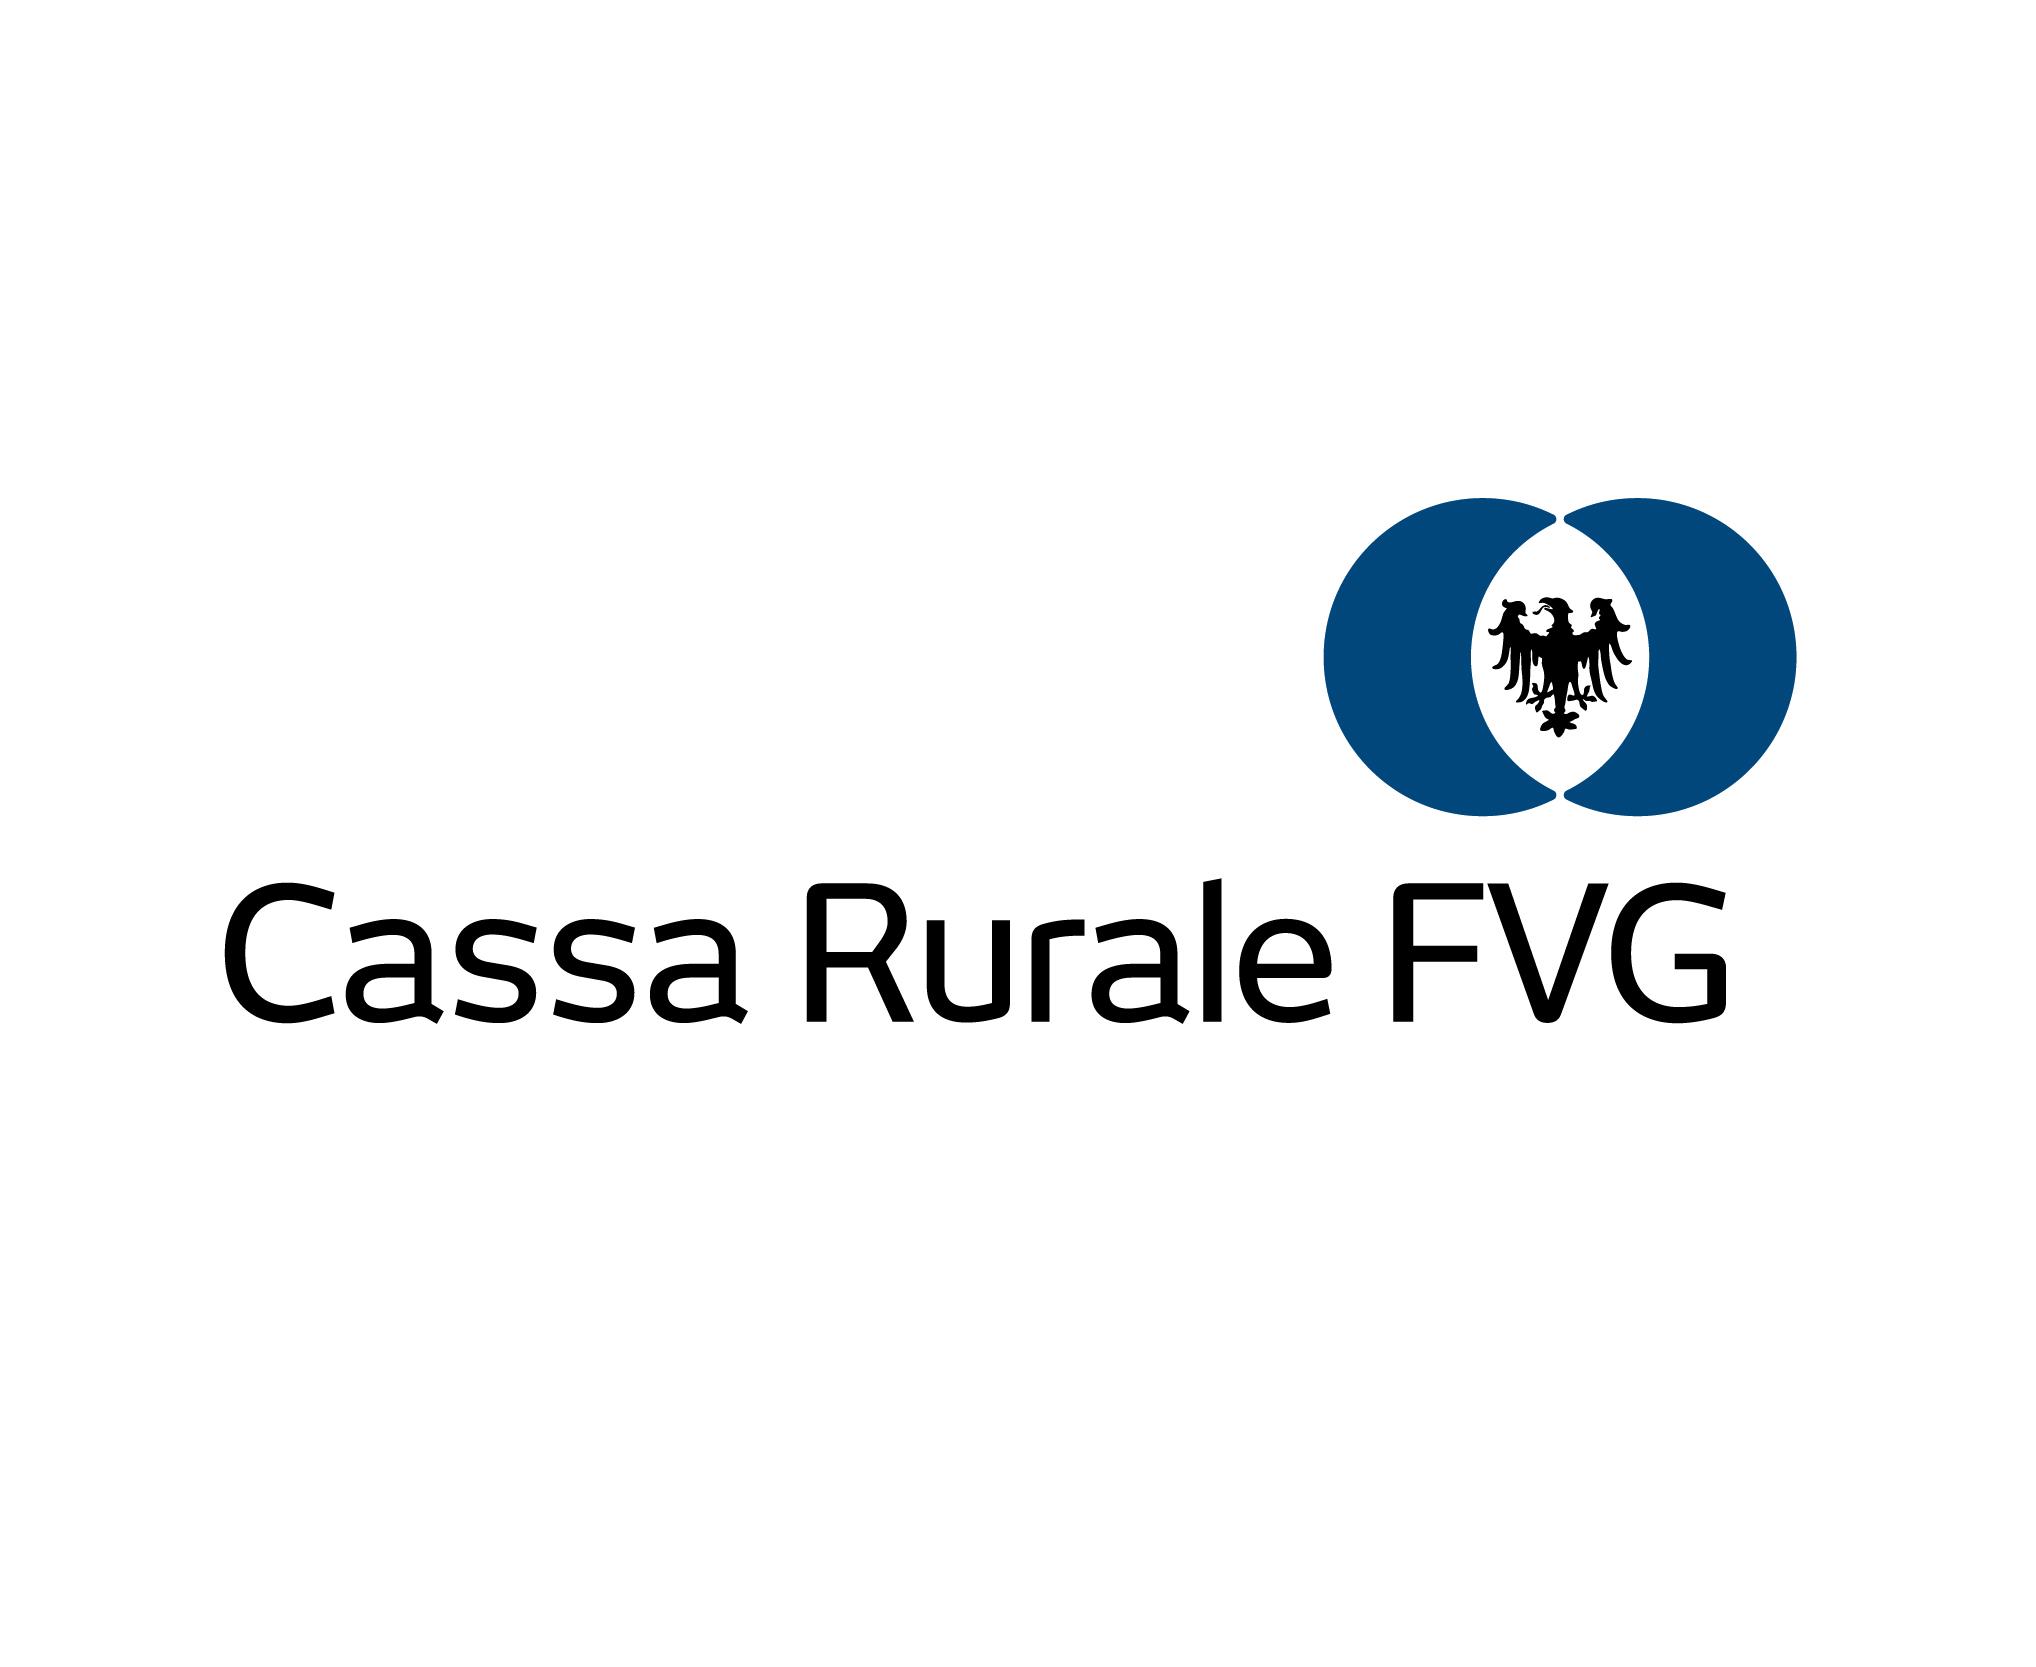 Cassa Rurale FVG